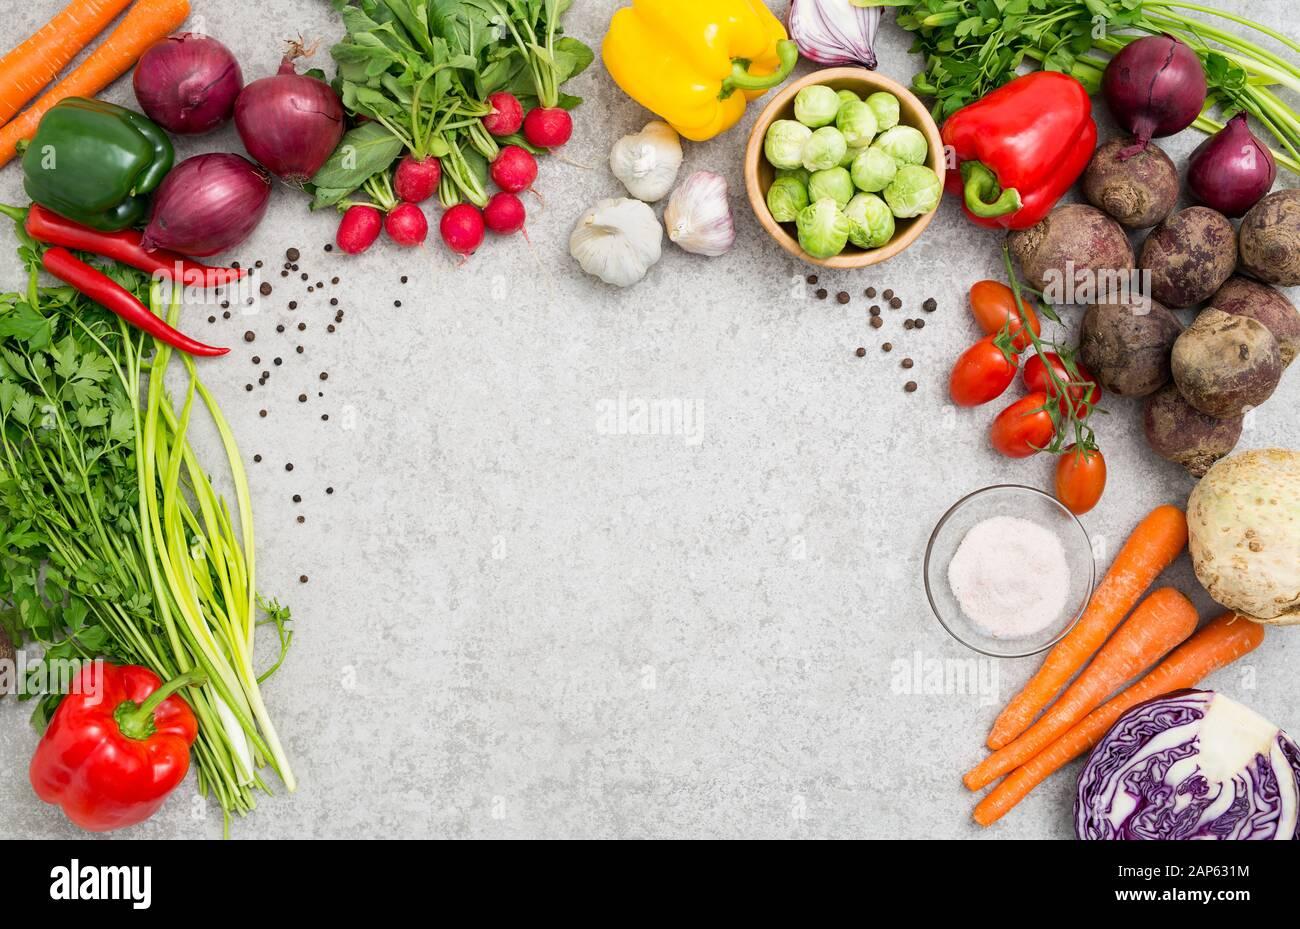 Cibo di sfondo ingrediente di cottura cucina concetto pasto vegetariano salute vegetale vista superiore dello spazio tabella della scheda vuoto concetto marrone - immagine di stock Foto Stock